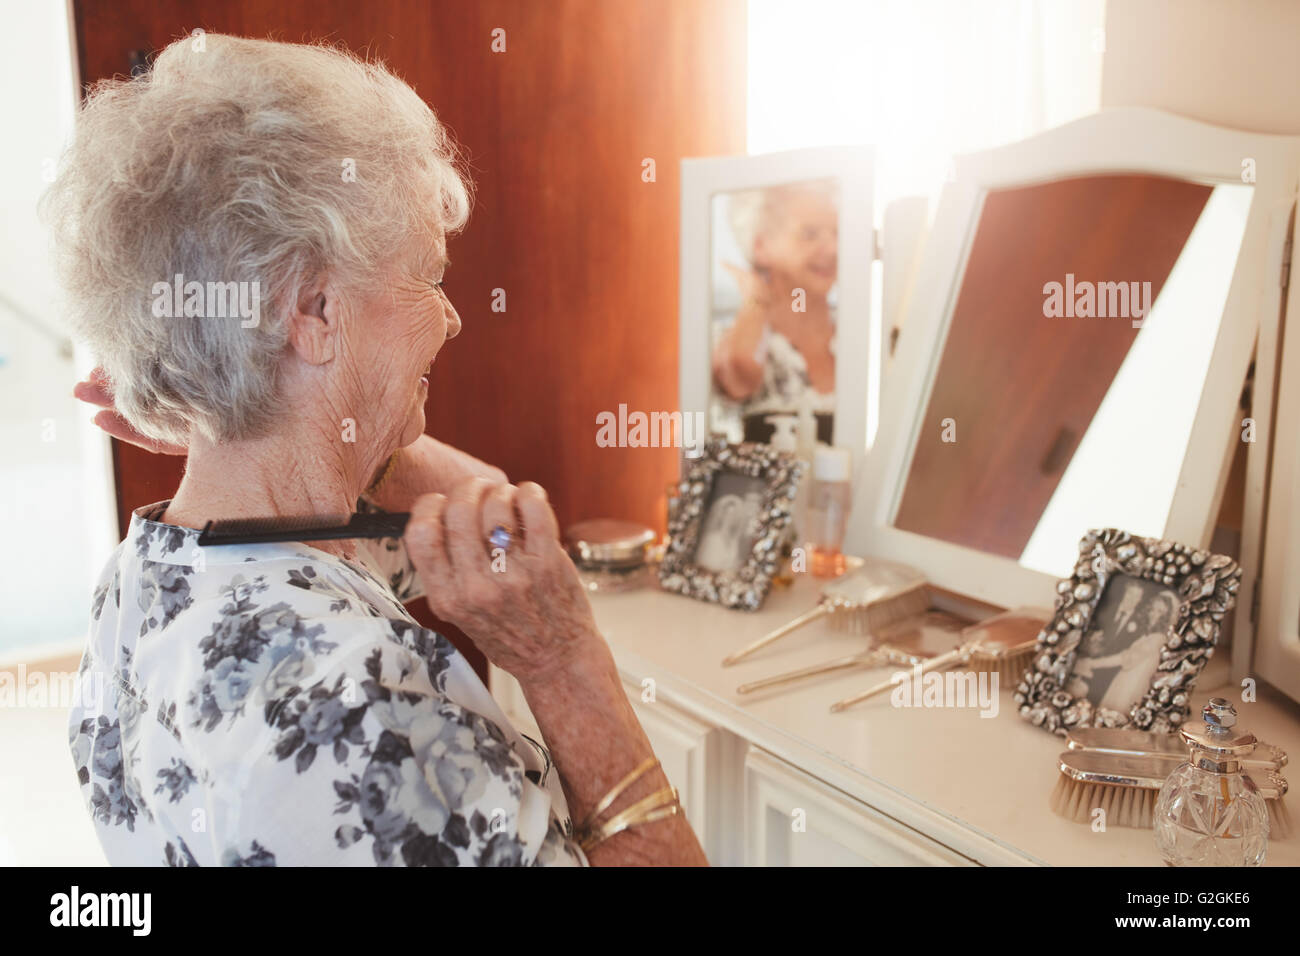 Felice donna senior pettinare i capelli a cassettiera in casa. Femmina anziani preparano davanti a uno specchio Immagini Stock